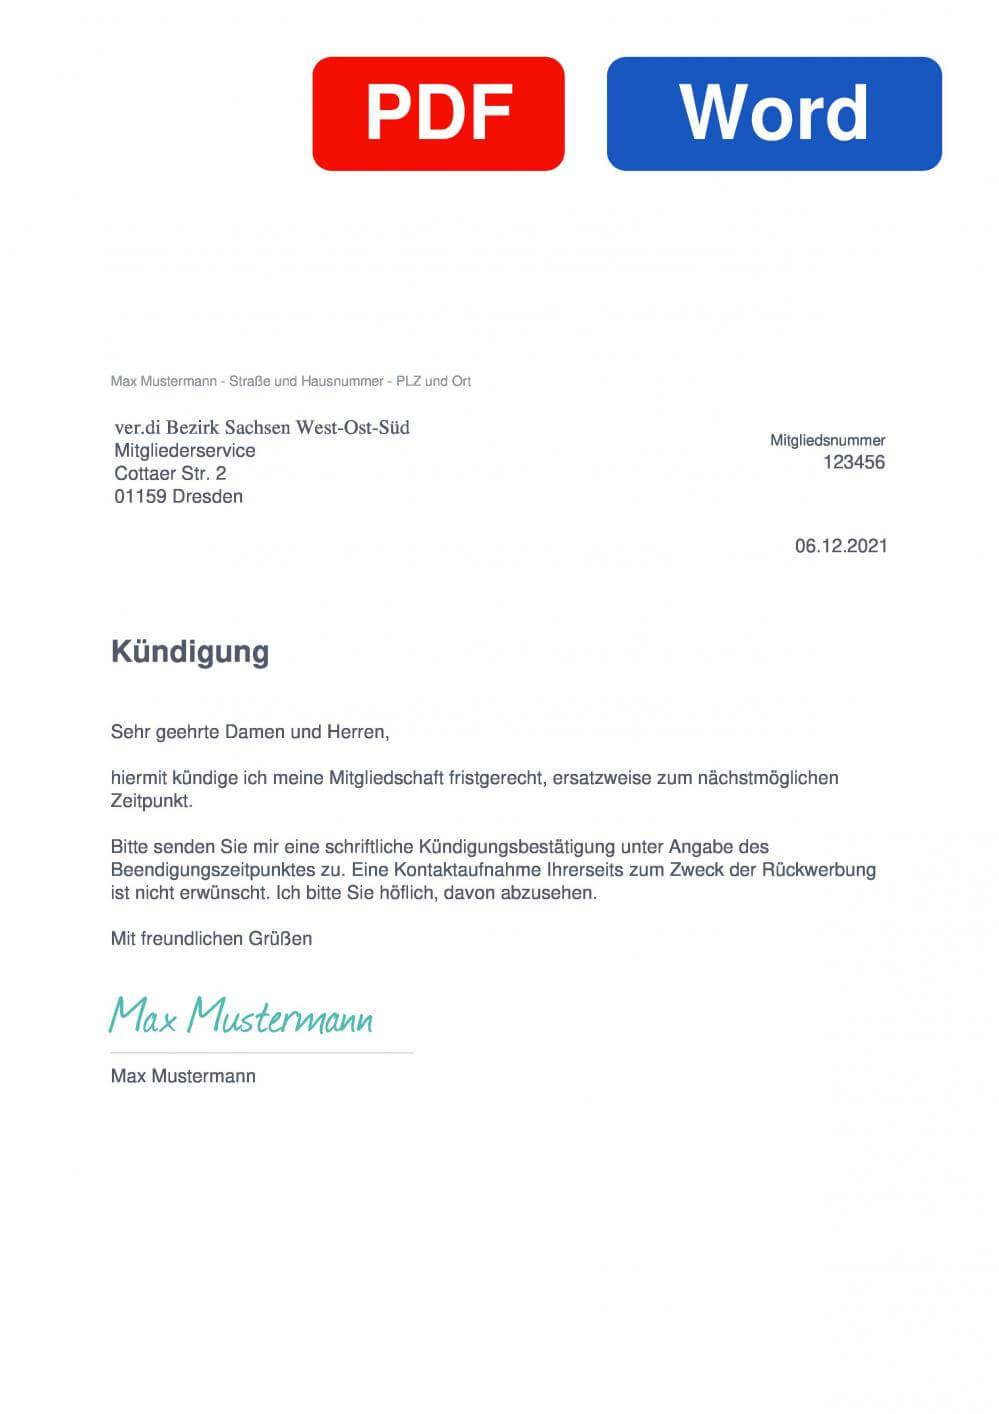 Verdi Pirna Muster Vorlage für Kündigungsschreiben